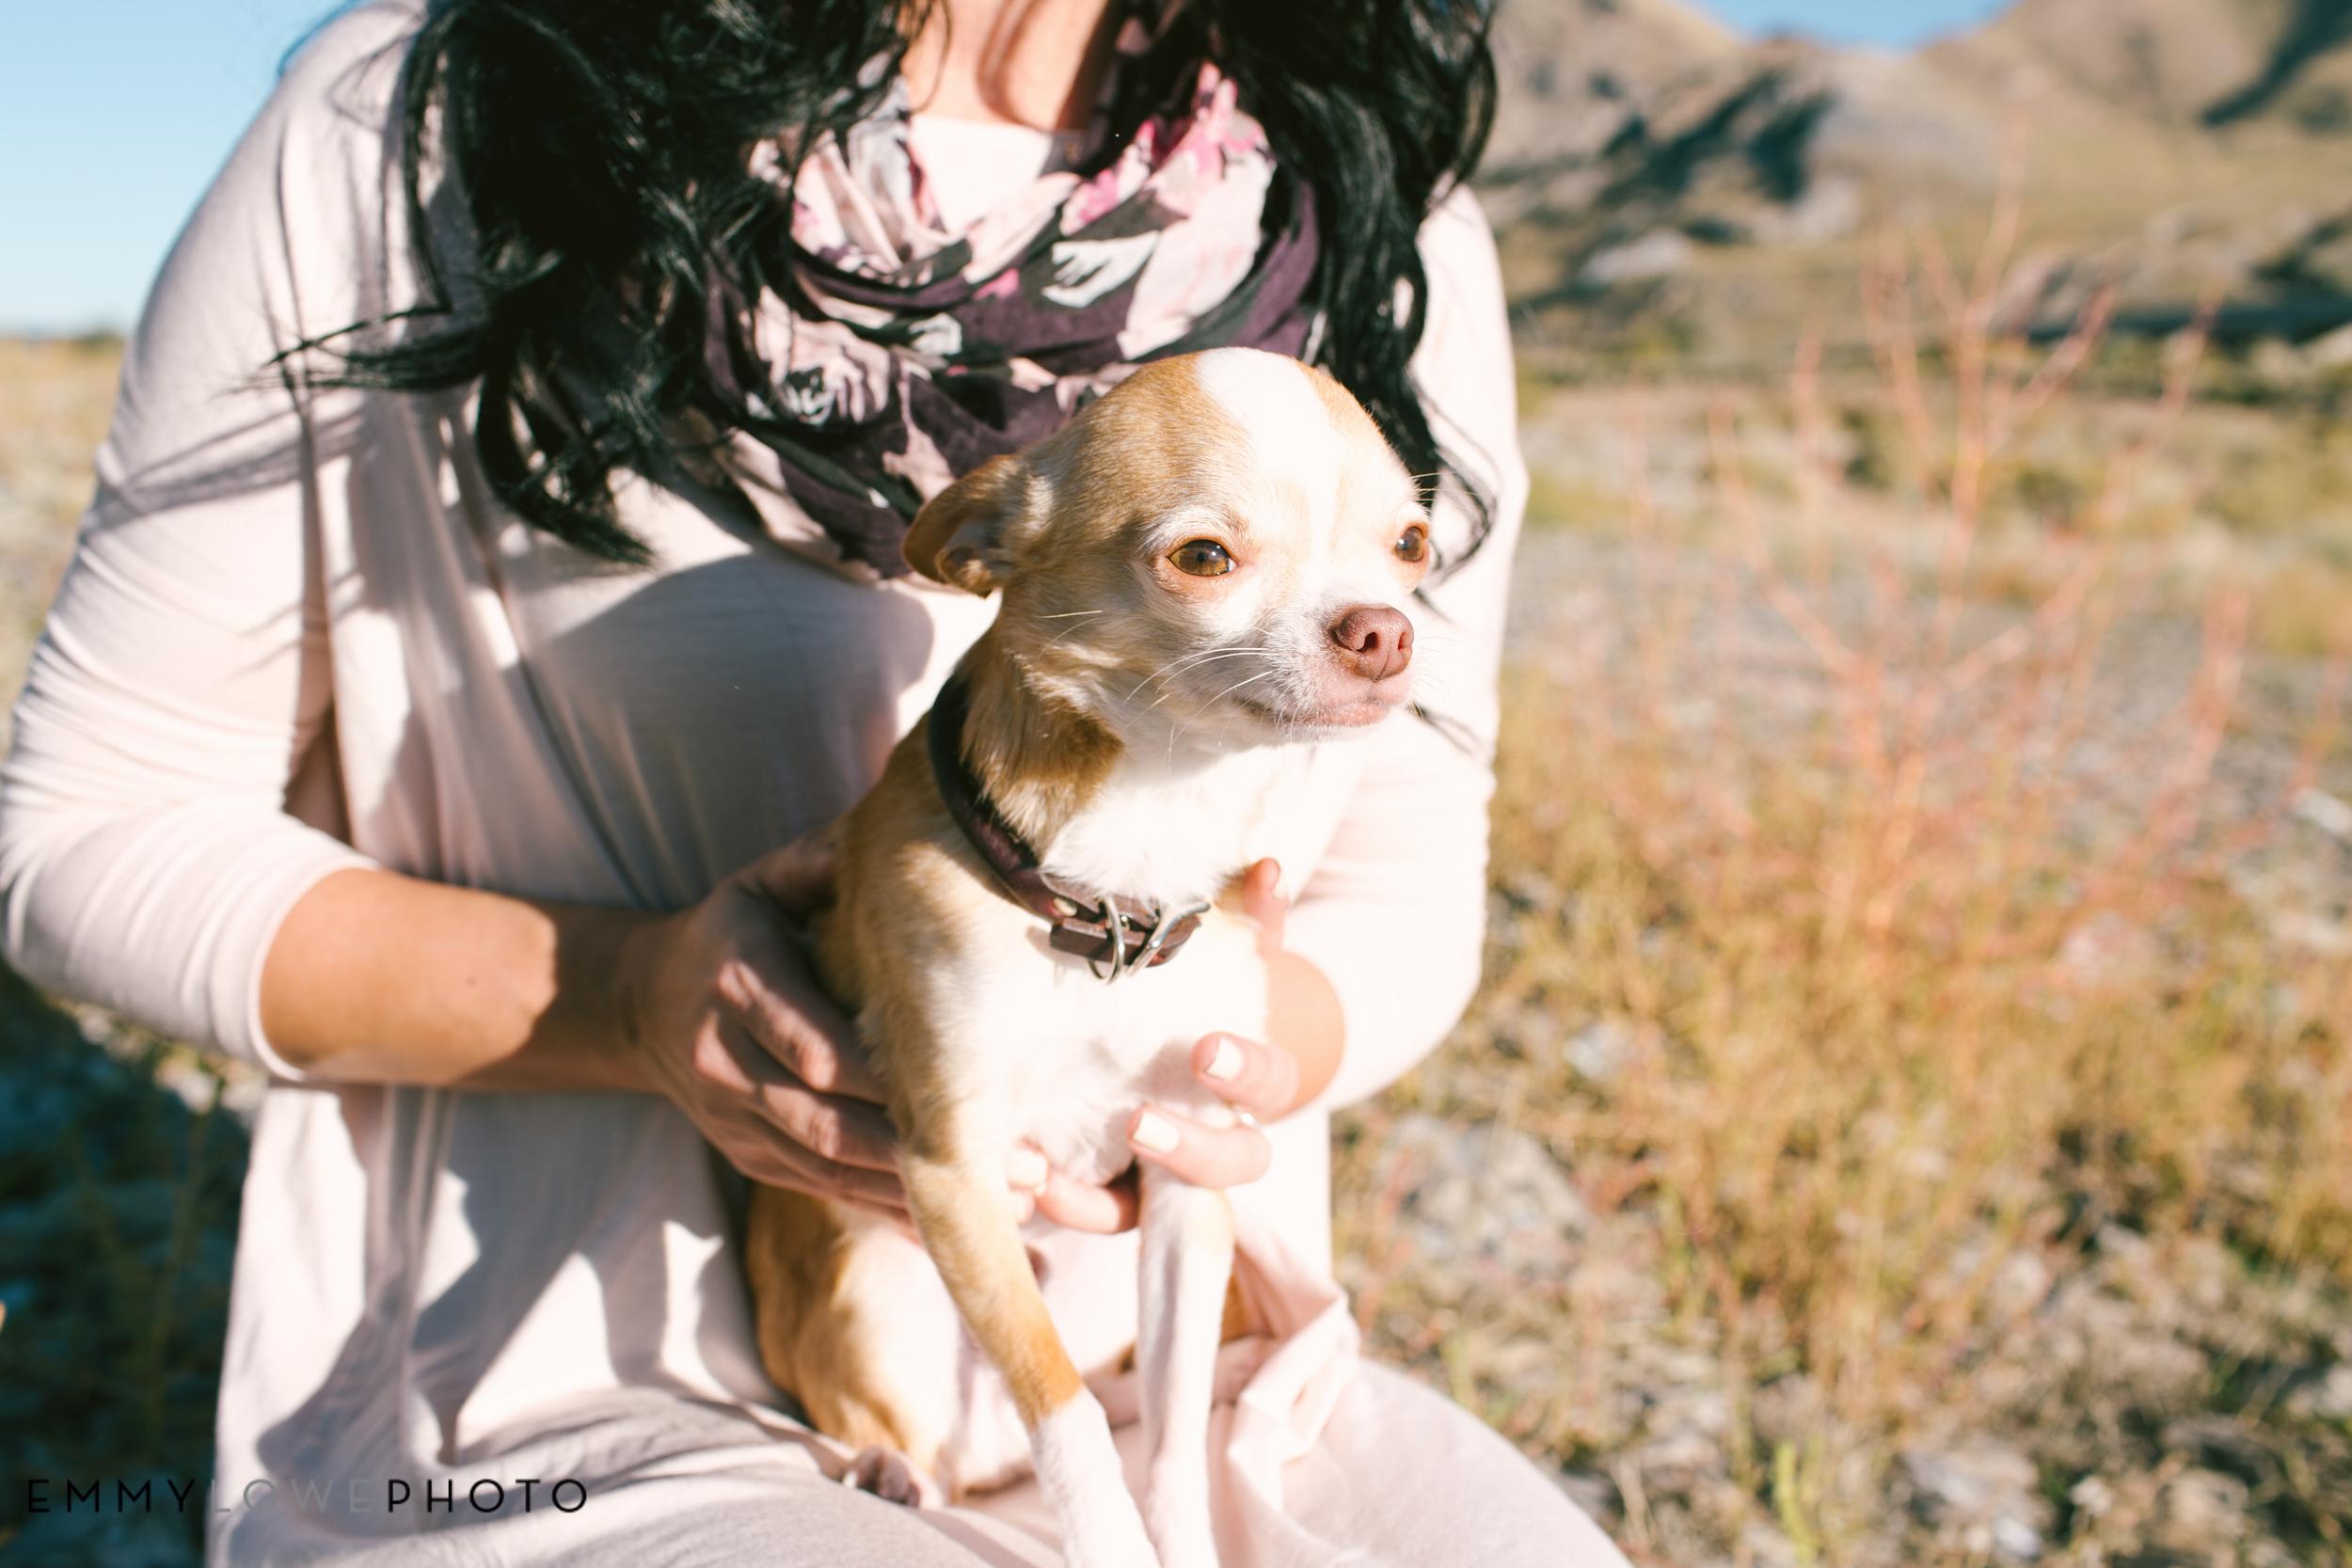 EmmyLowePhotoNoelFamily-3.jpg